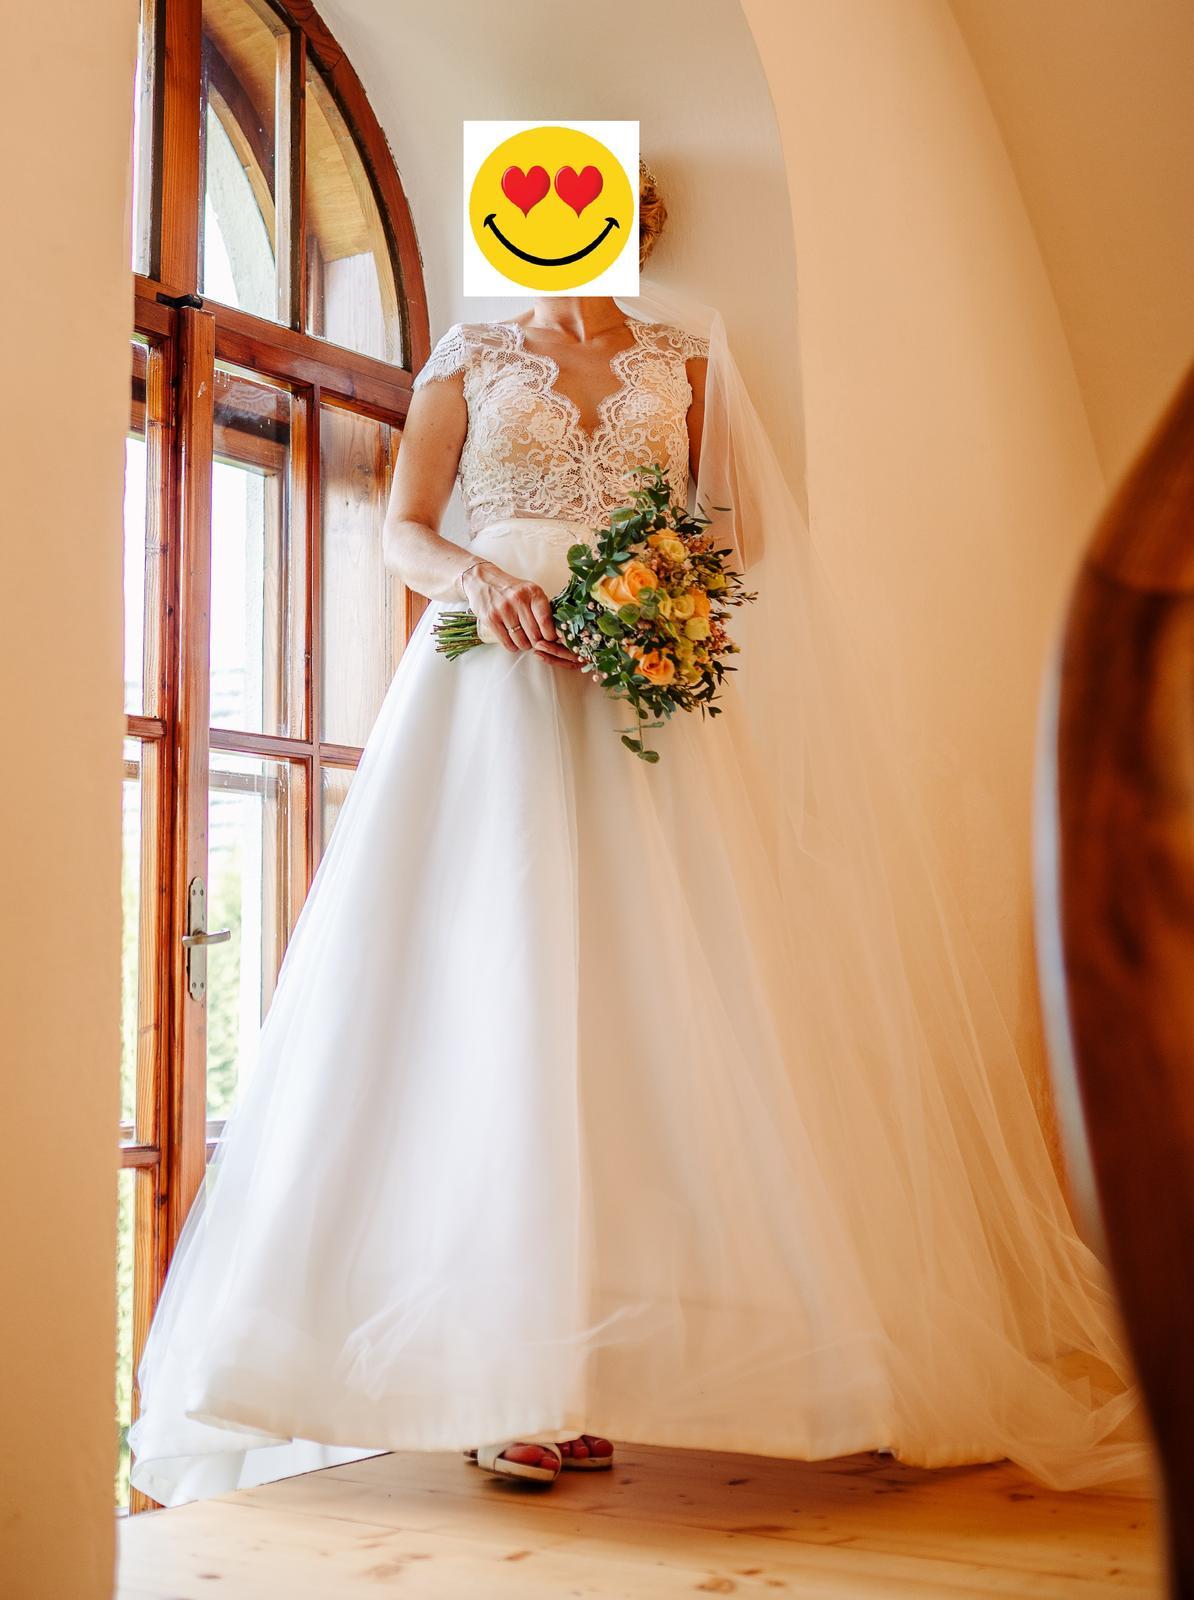 Prodám svatební šaty šité na míru - Obrázek č. 4